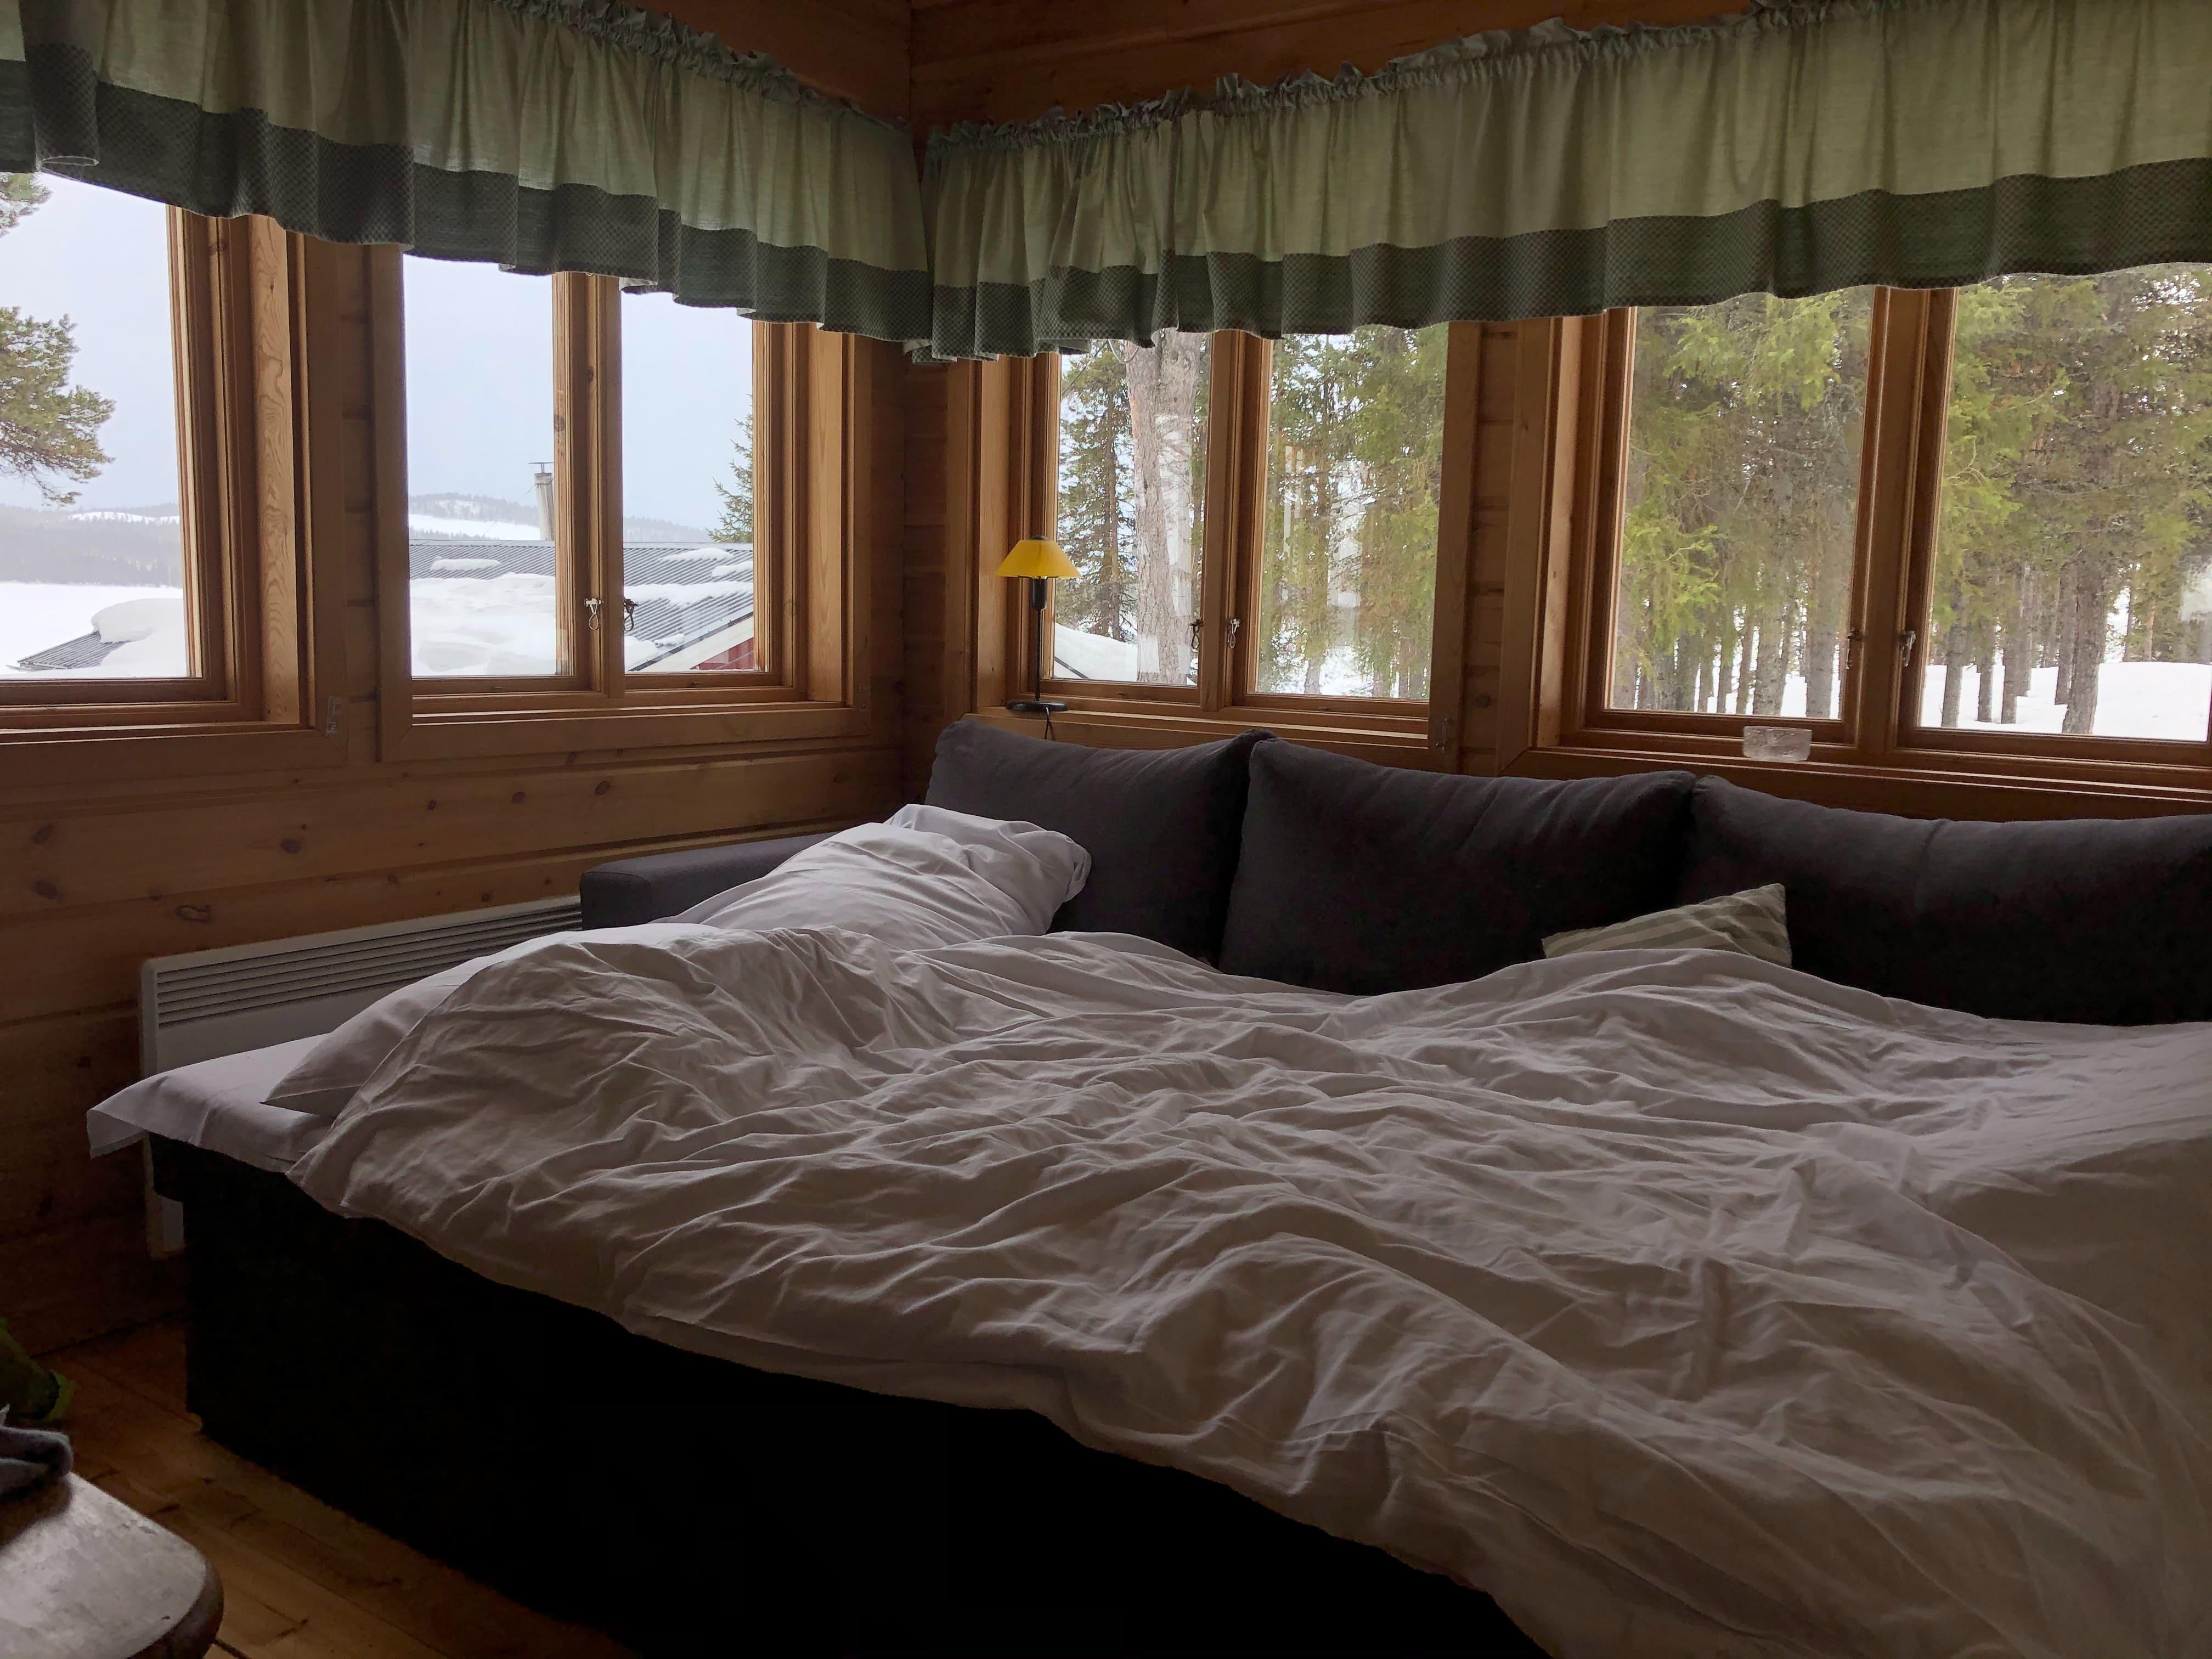 Punaise de lit : comment s'en débarrasser ? 1